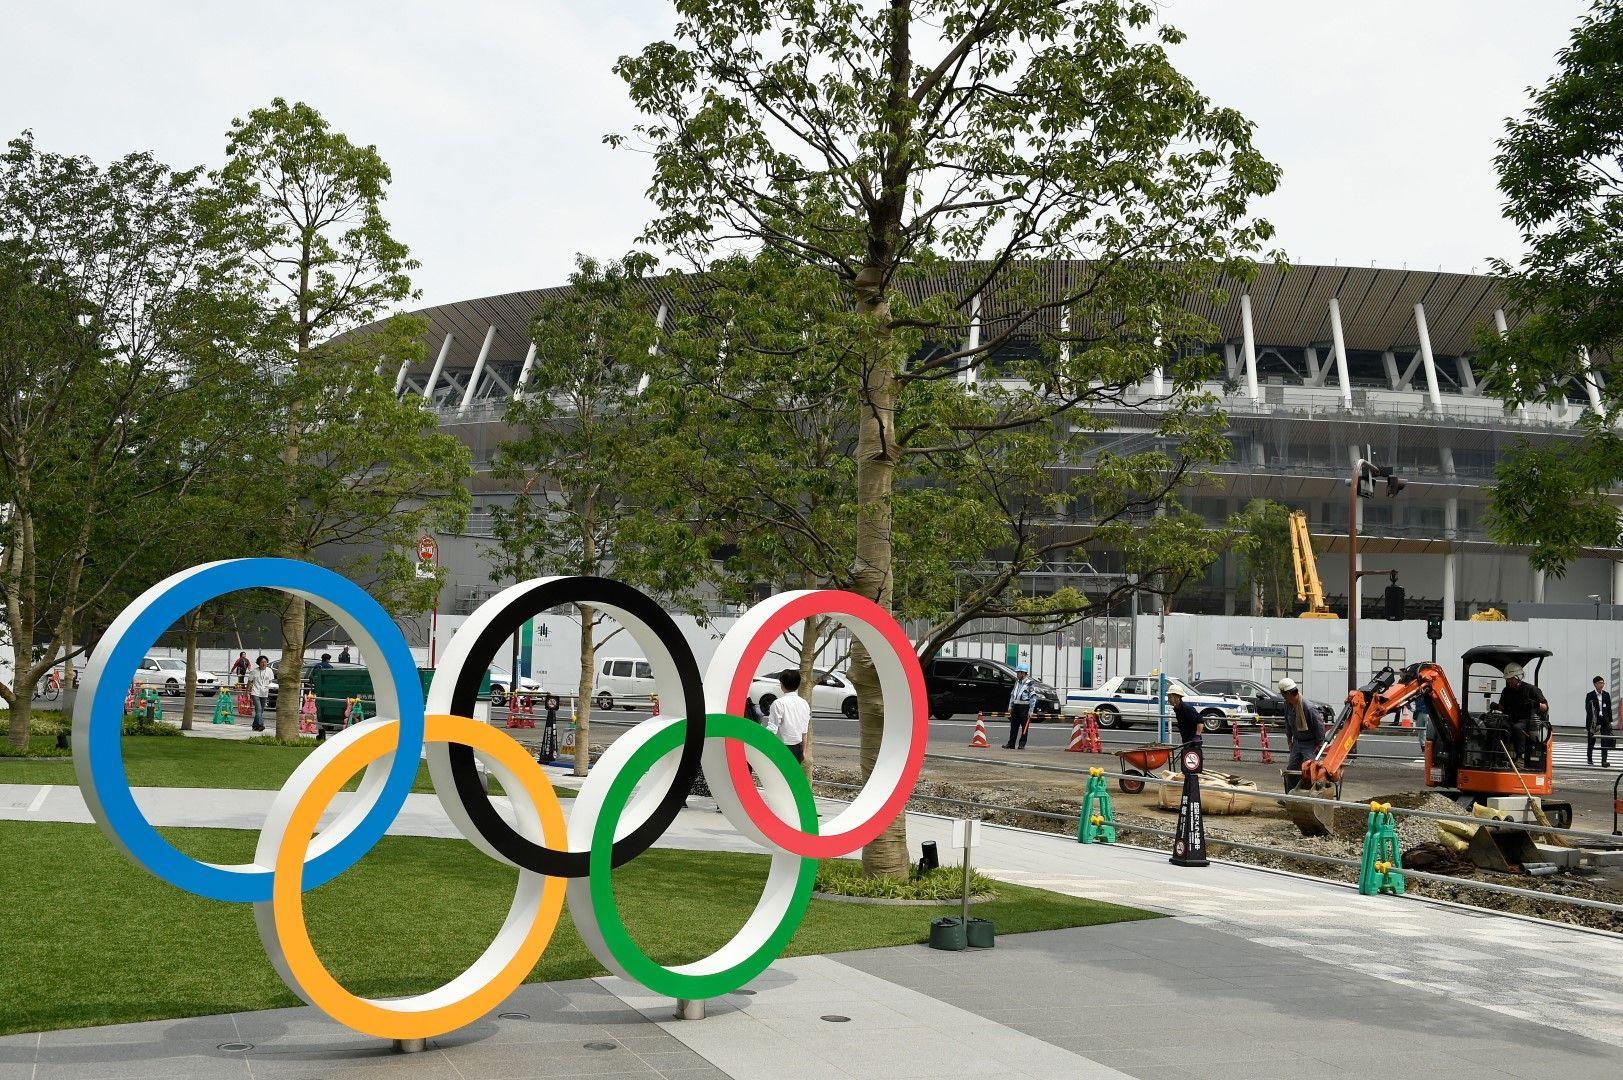 Около New National Stadium вече почти всичко е готово, а и самата арена е на последната права от строителните работи